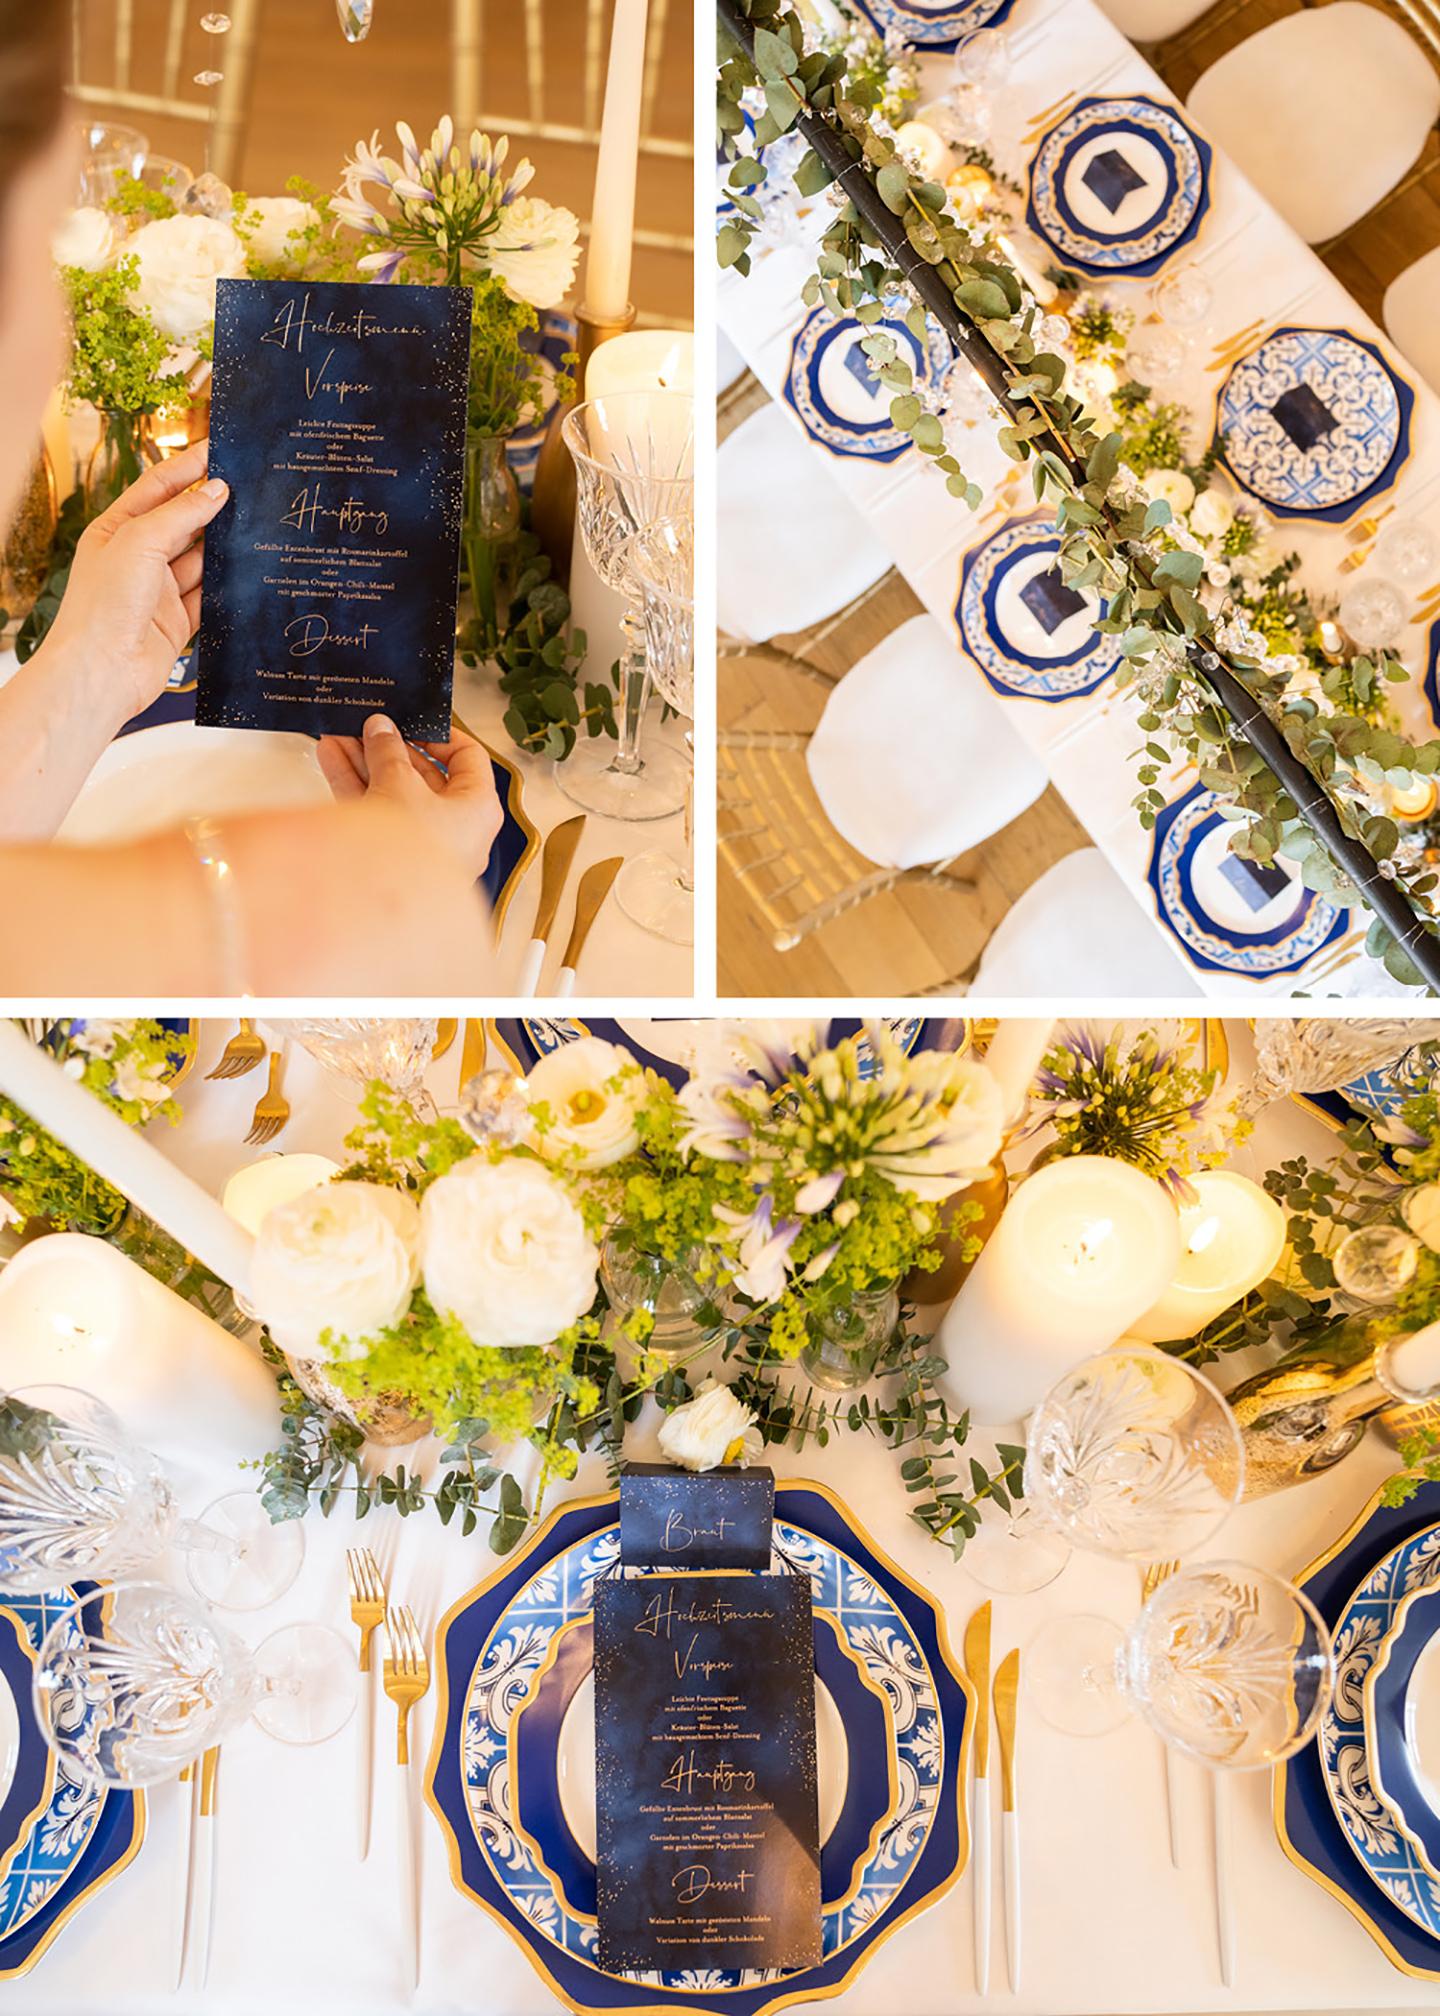 Klassisch angerichtete Hochzeitstafel in unterschiedlichen Blautönen, detailreiche Teller mit Muster, Deko in grün und Papeterie in Dunkelblau, passend zur Hochzeitsdeko, ist zu sehen.